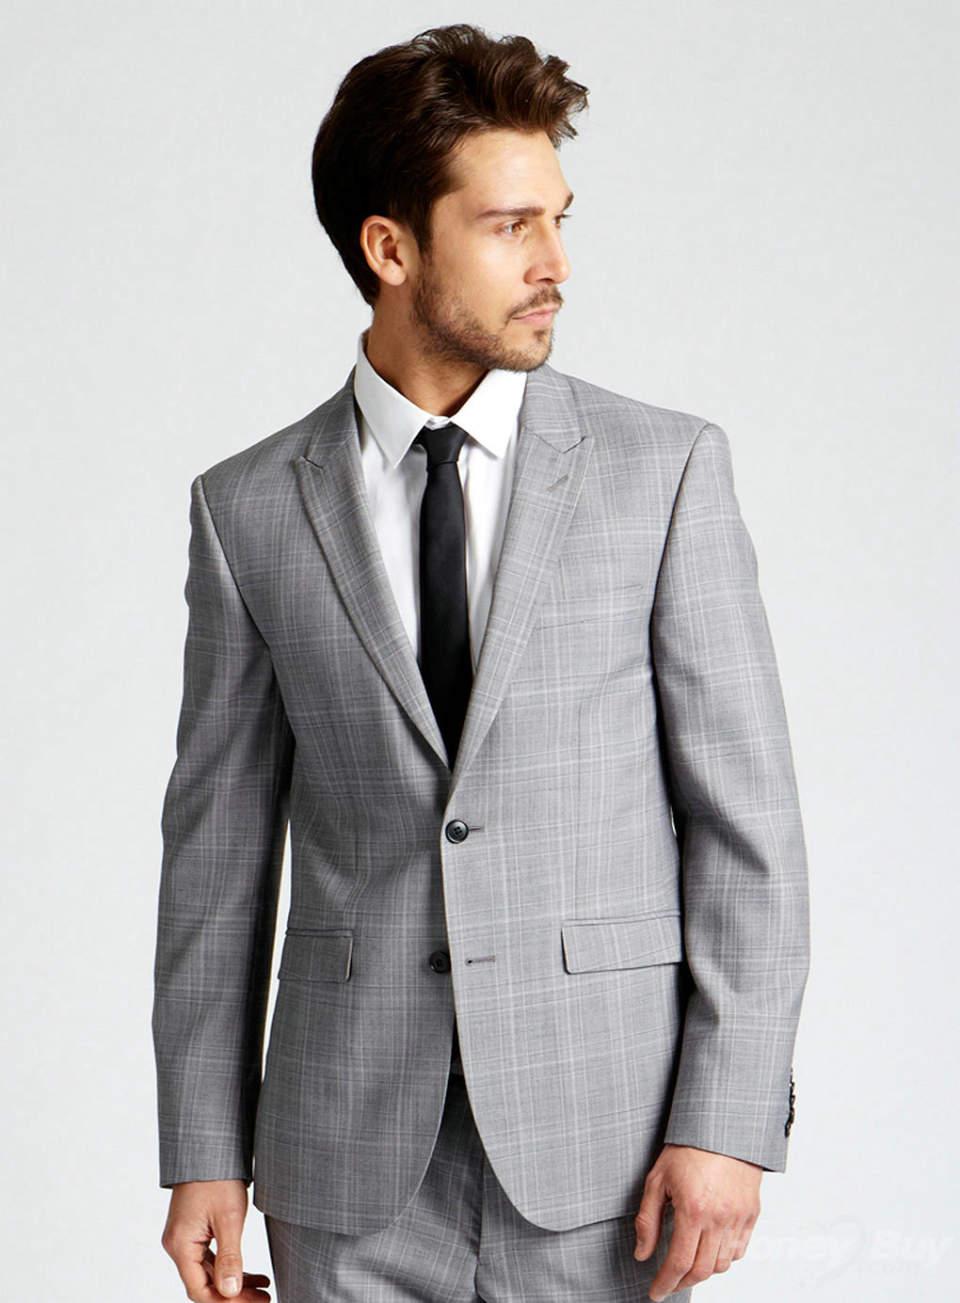 スーツスタイルに一歩差をつけるなら、流行の色に注目!お洒落な男はいつだって季節感を意識する 4番目の画像